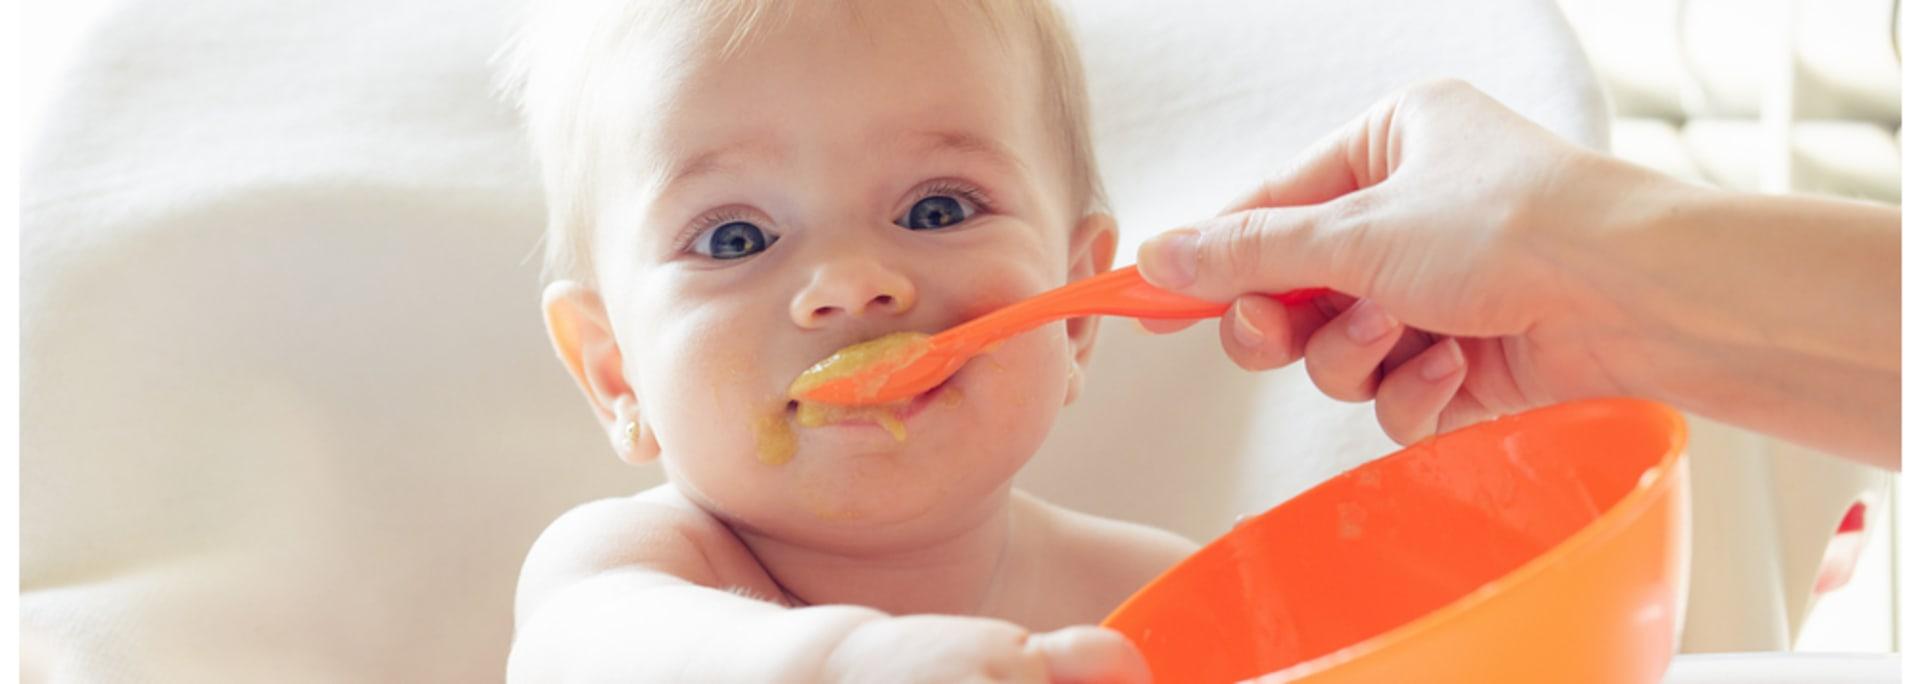 Bebé de 10 meses comiendo